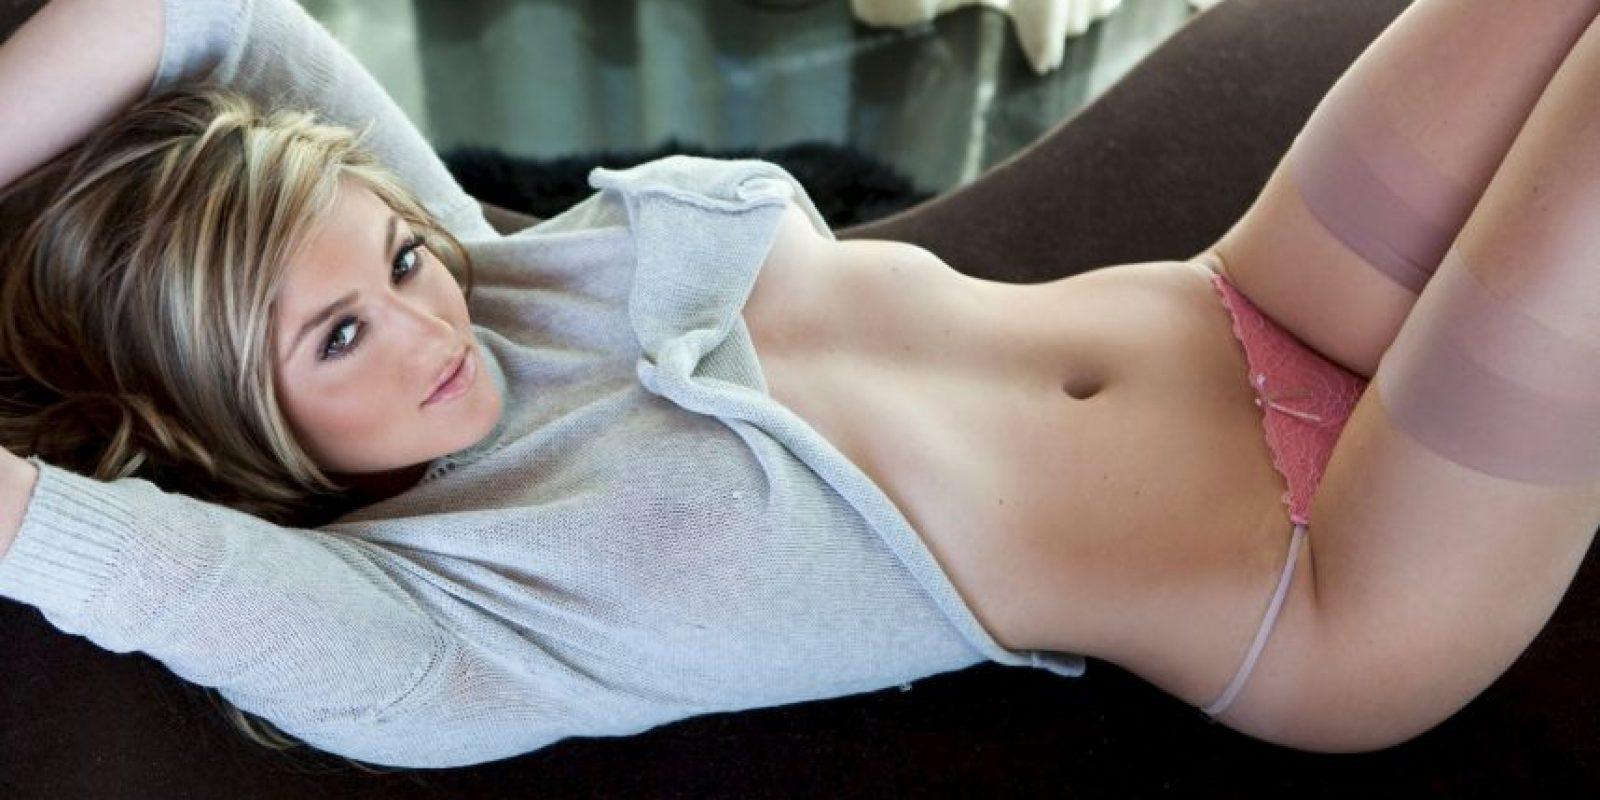 La velocista estadounidense fue la portada de la edición de octubre de 2012. Foto:Playboy